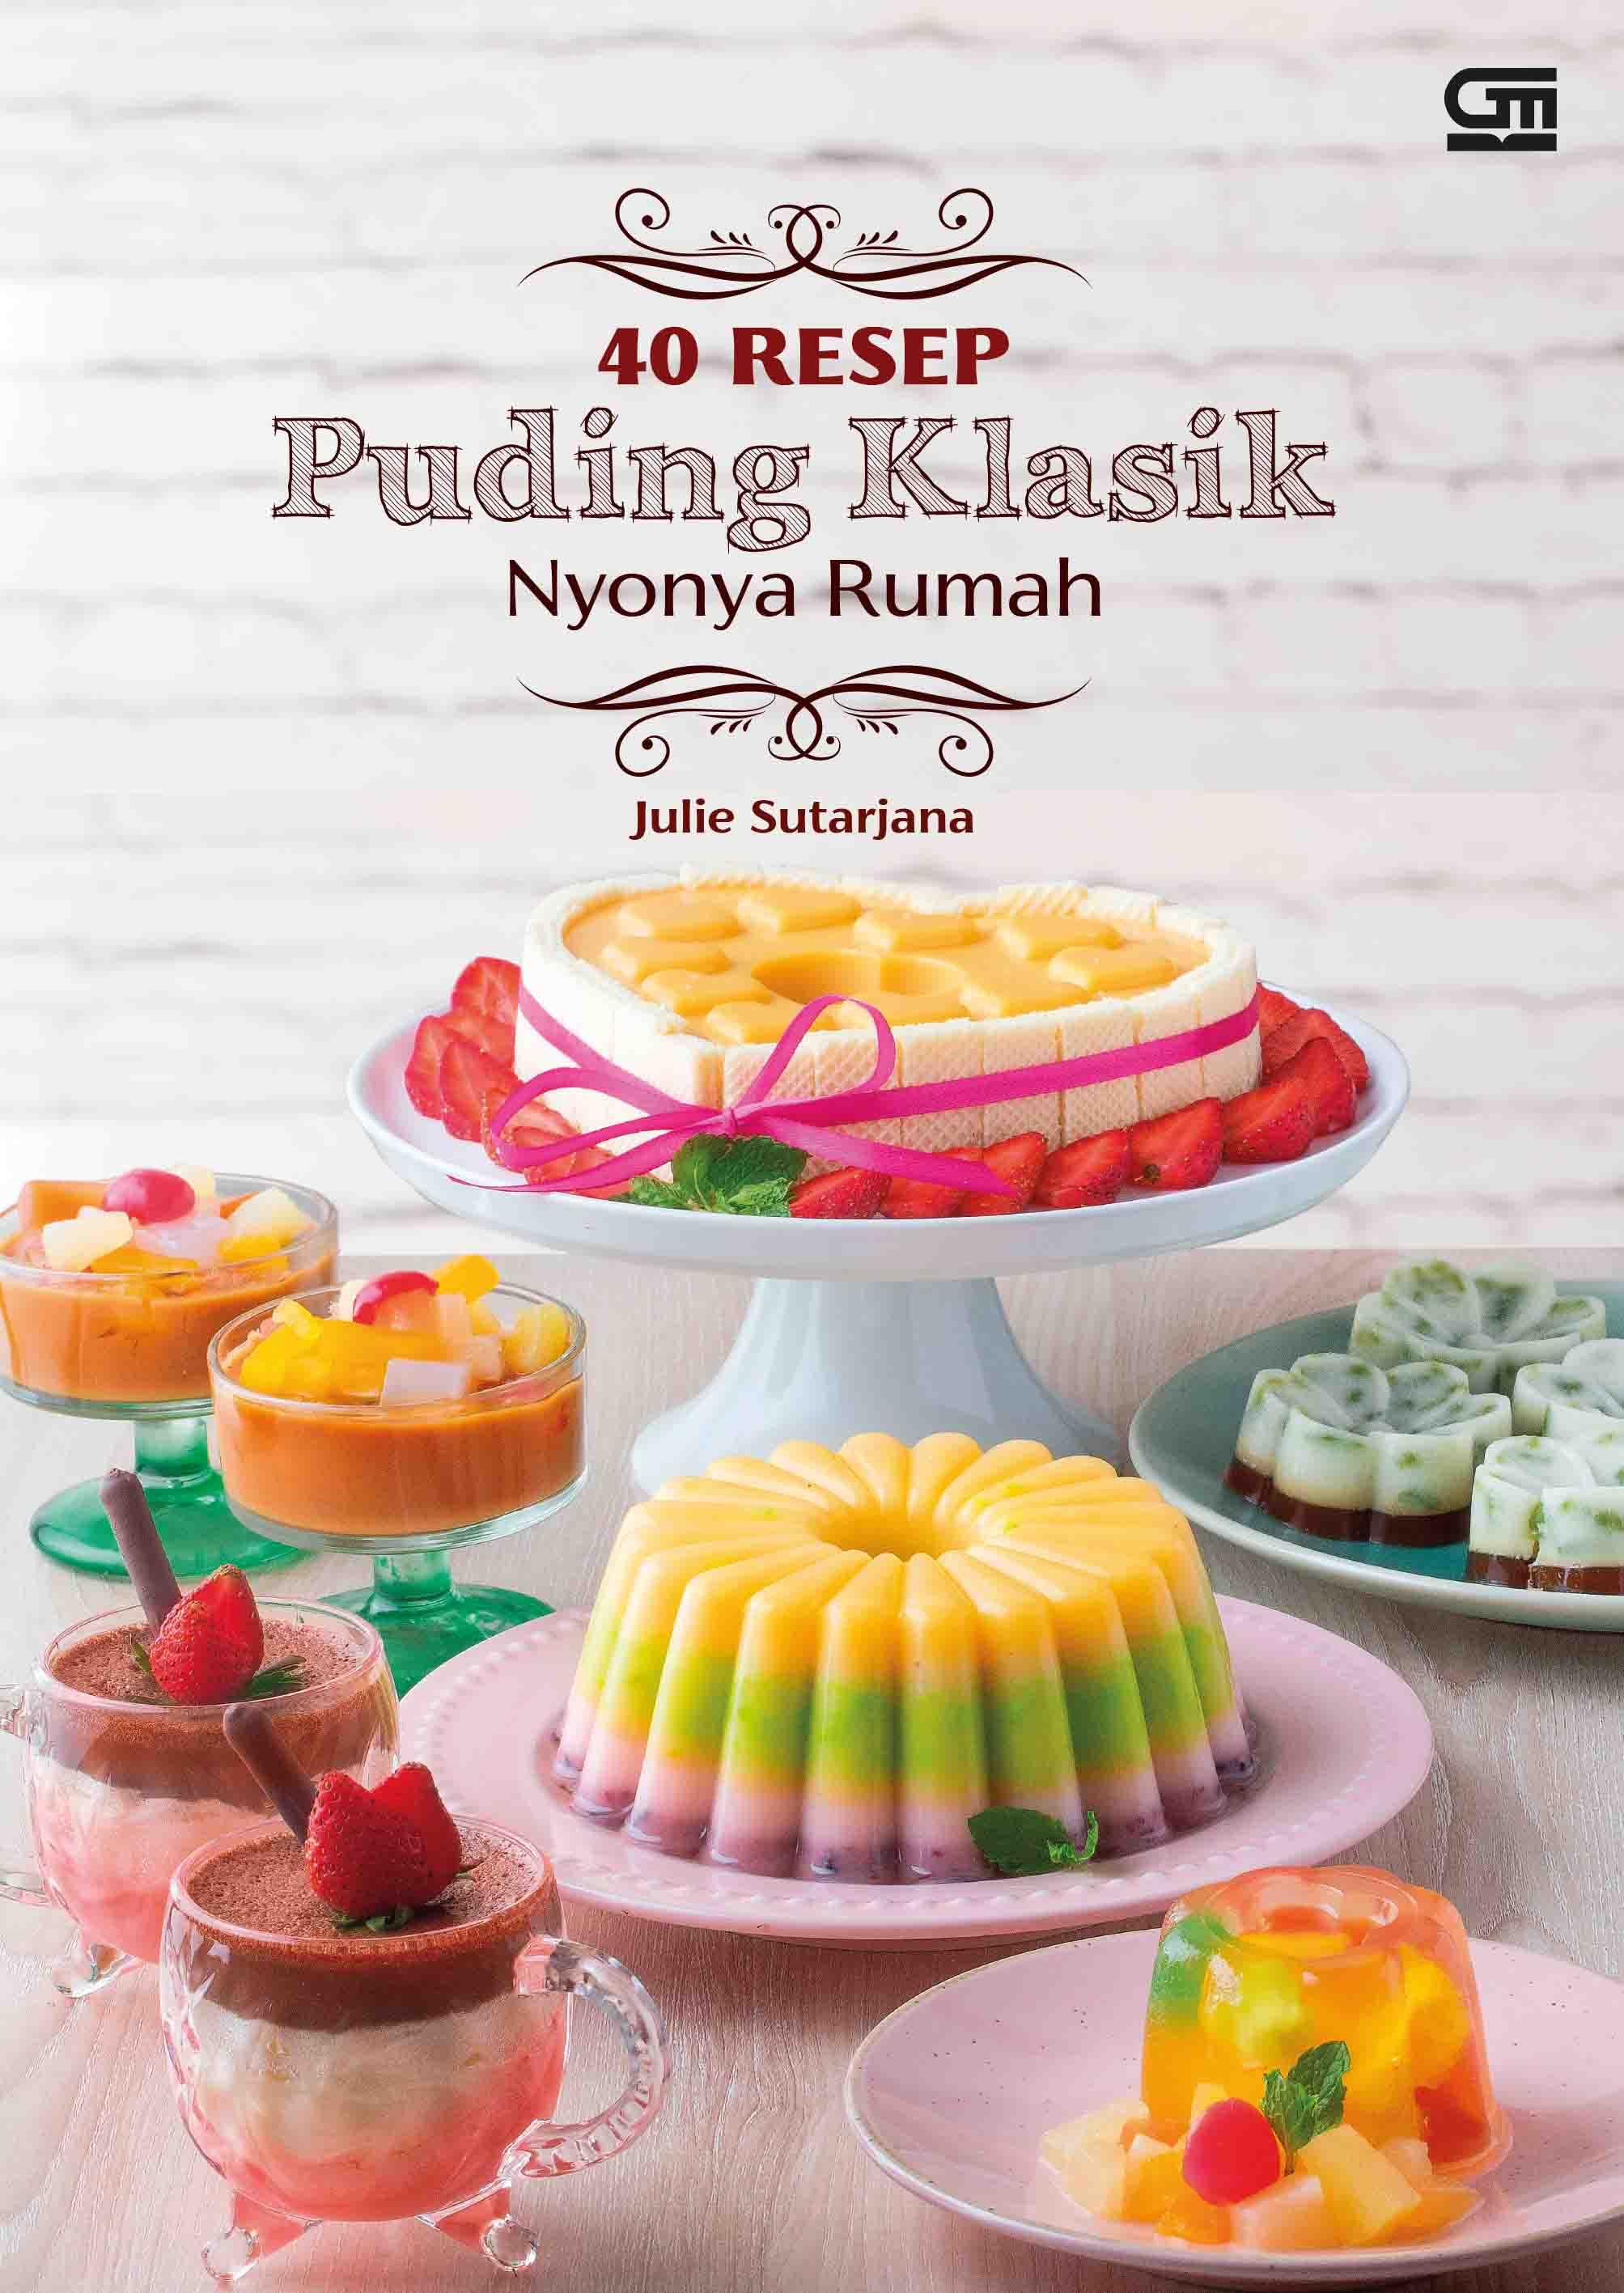 40 Resep Puding Klasik Nyonya Rumah